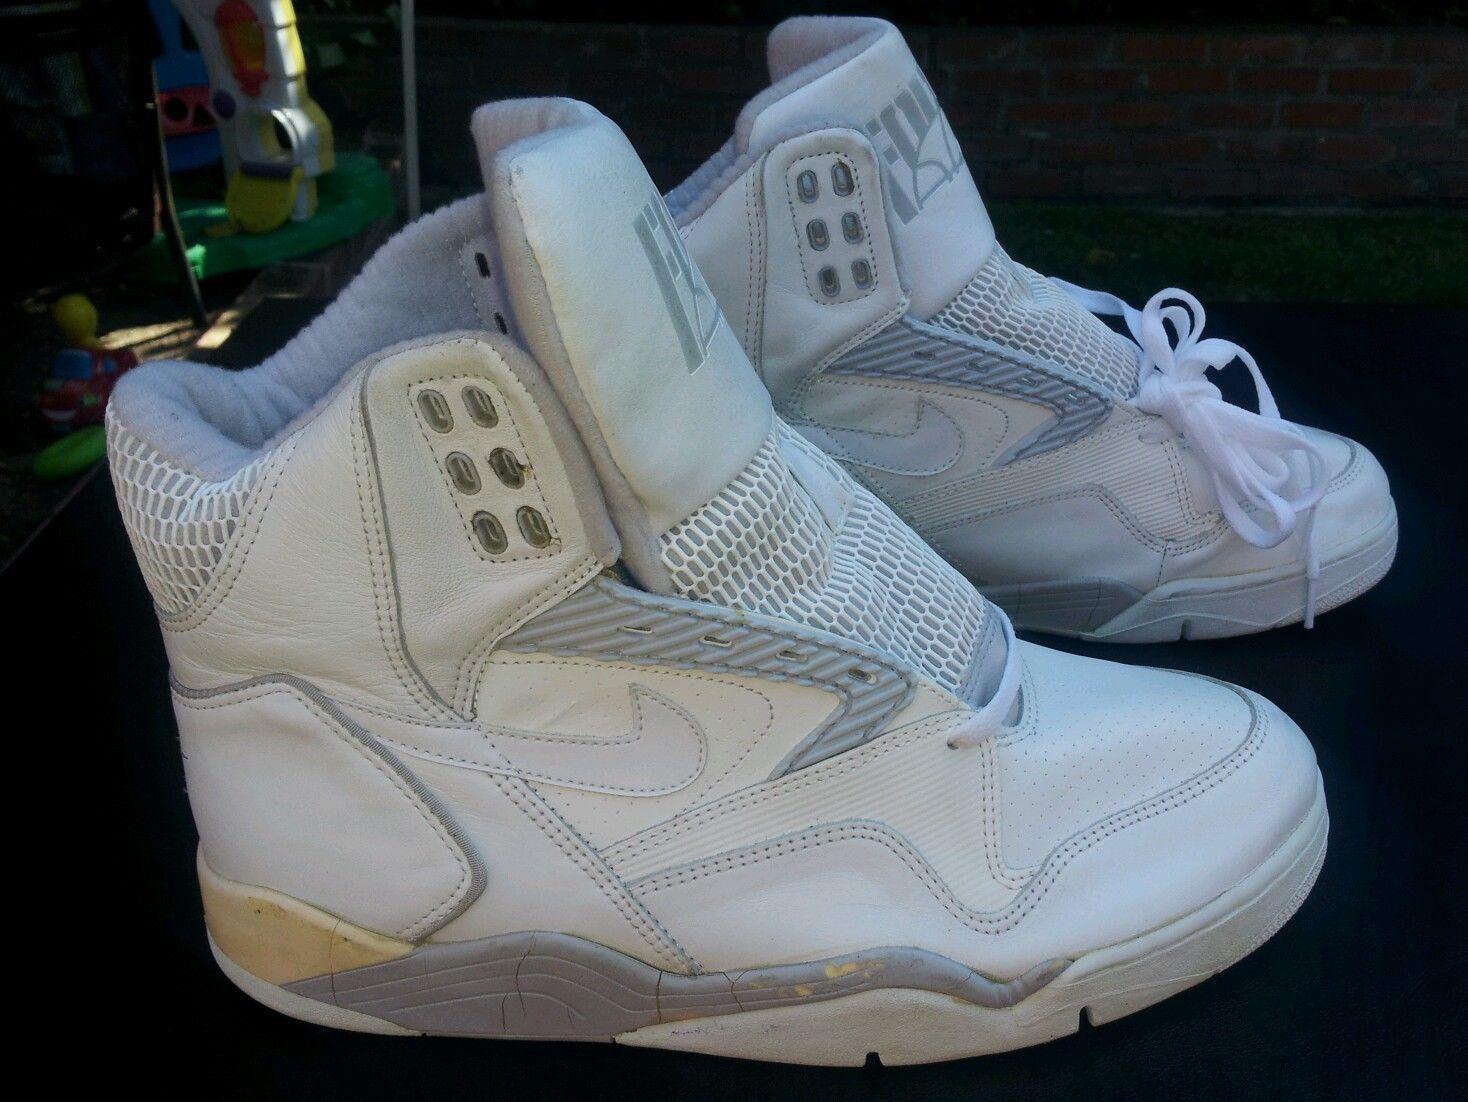 1990 nike air ultra force ebay